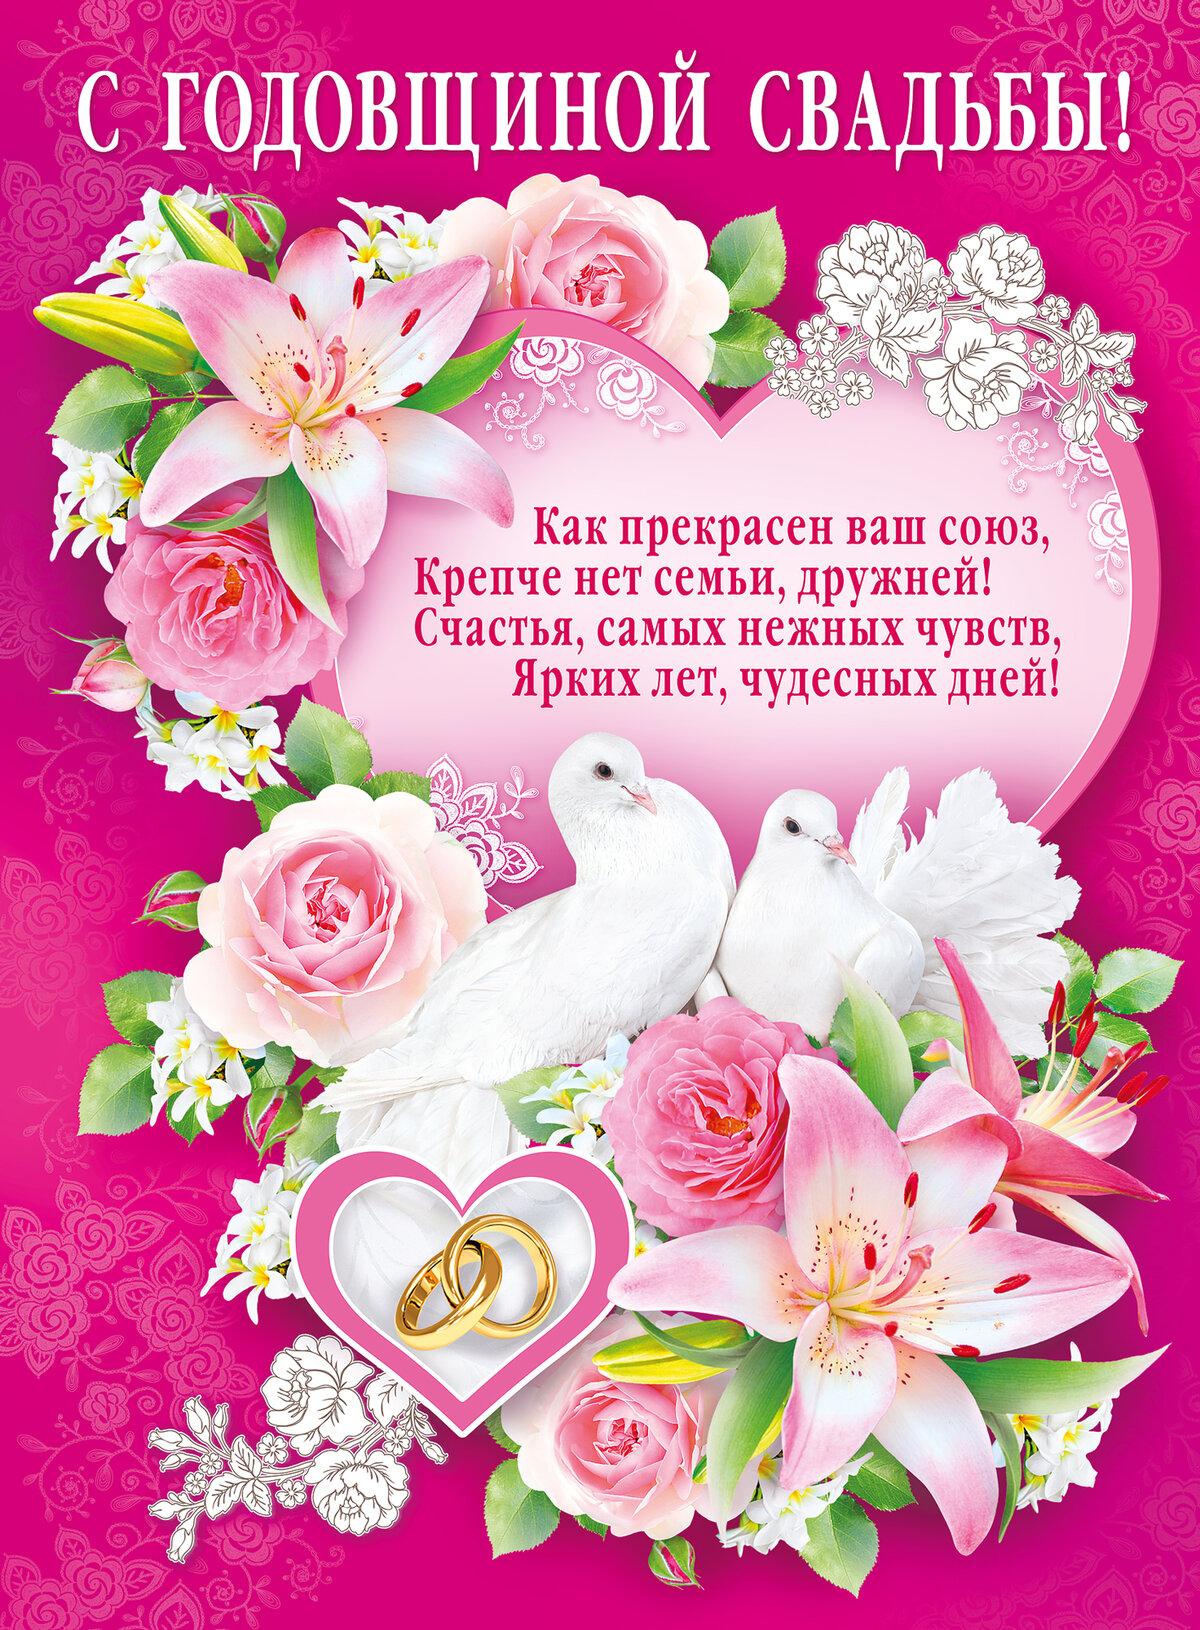 Днем, годовщина свадьбы красивые открытки